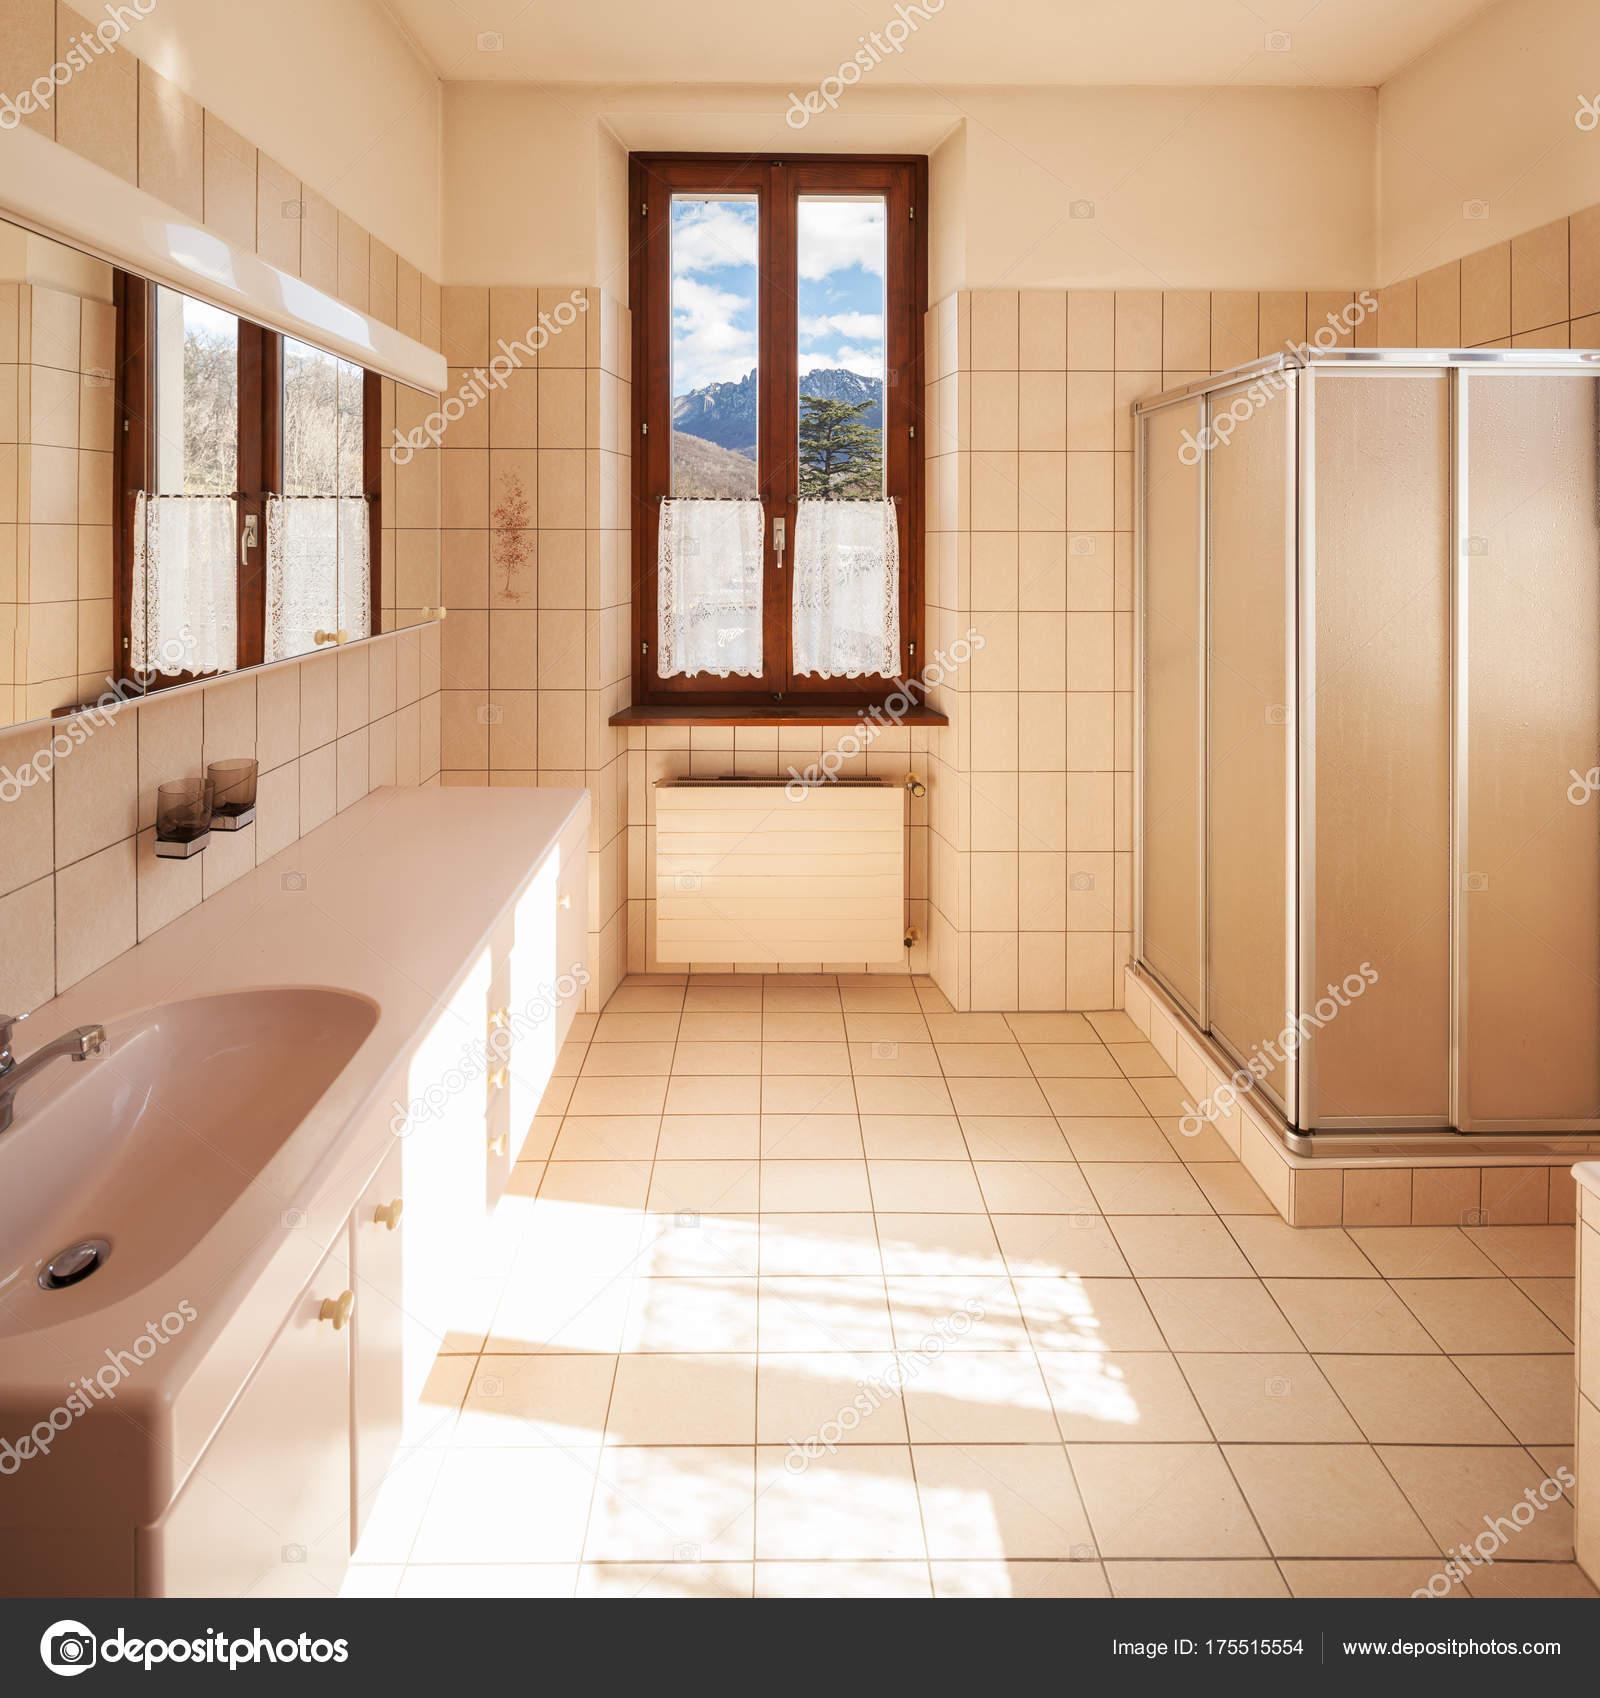 cuarto de baño con azulejos de estilo clásico — Foto de stock ...